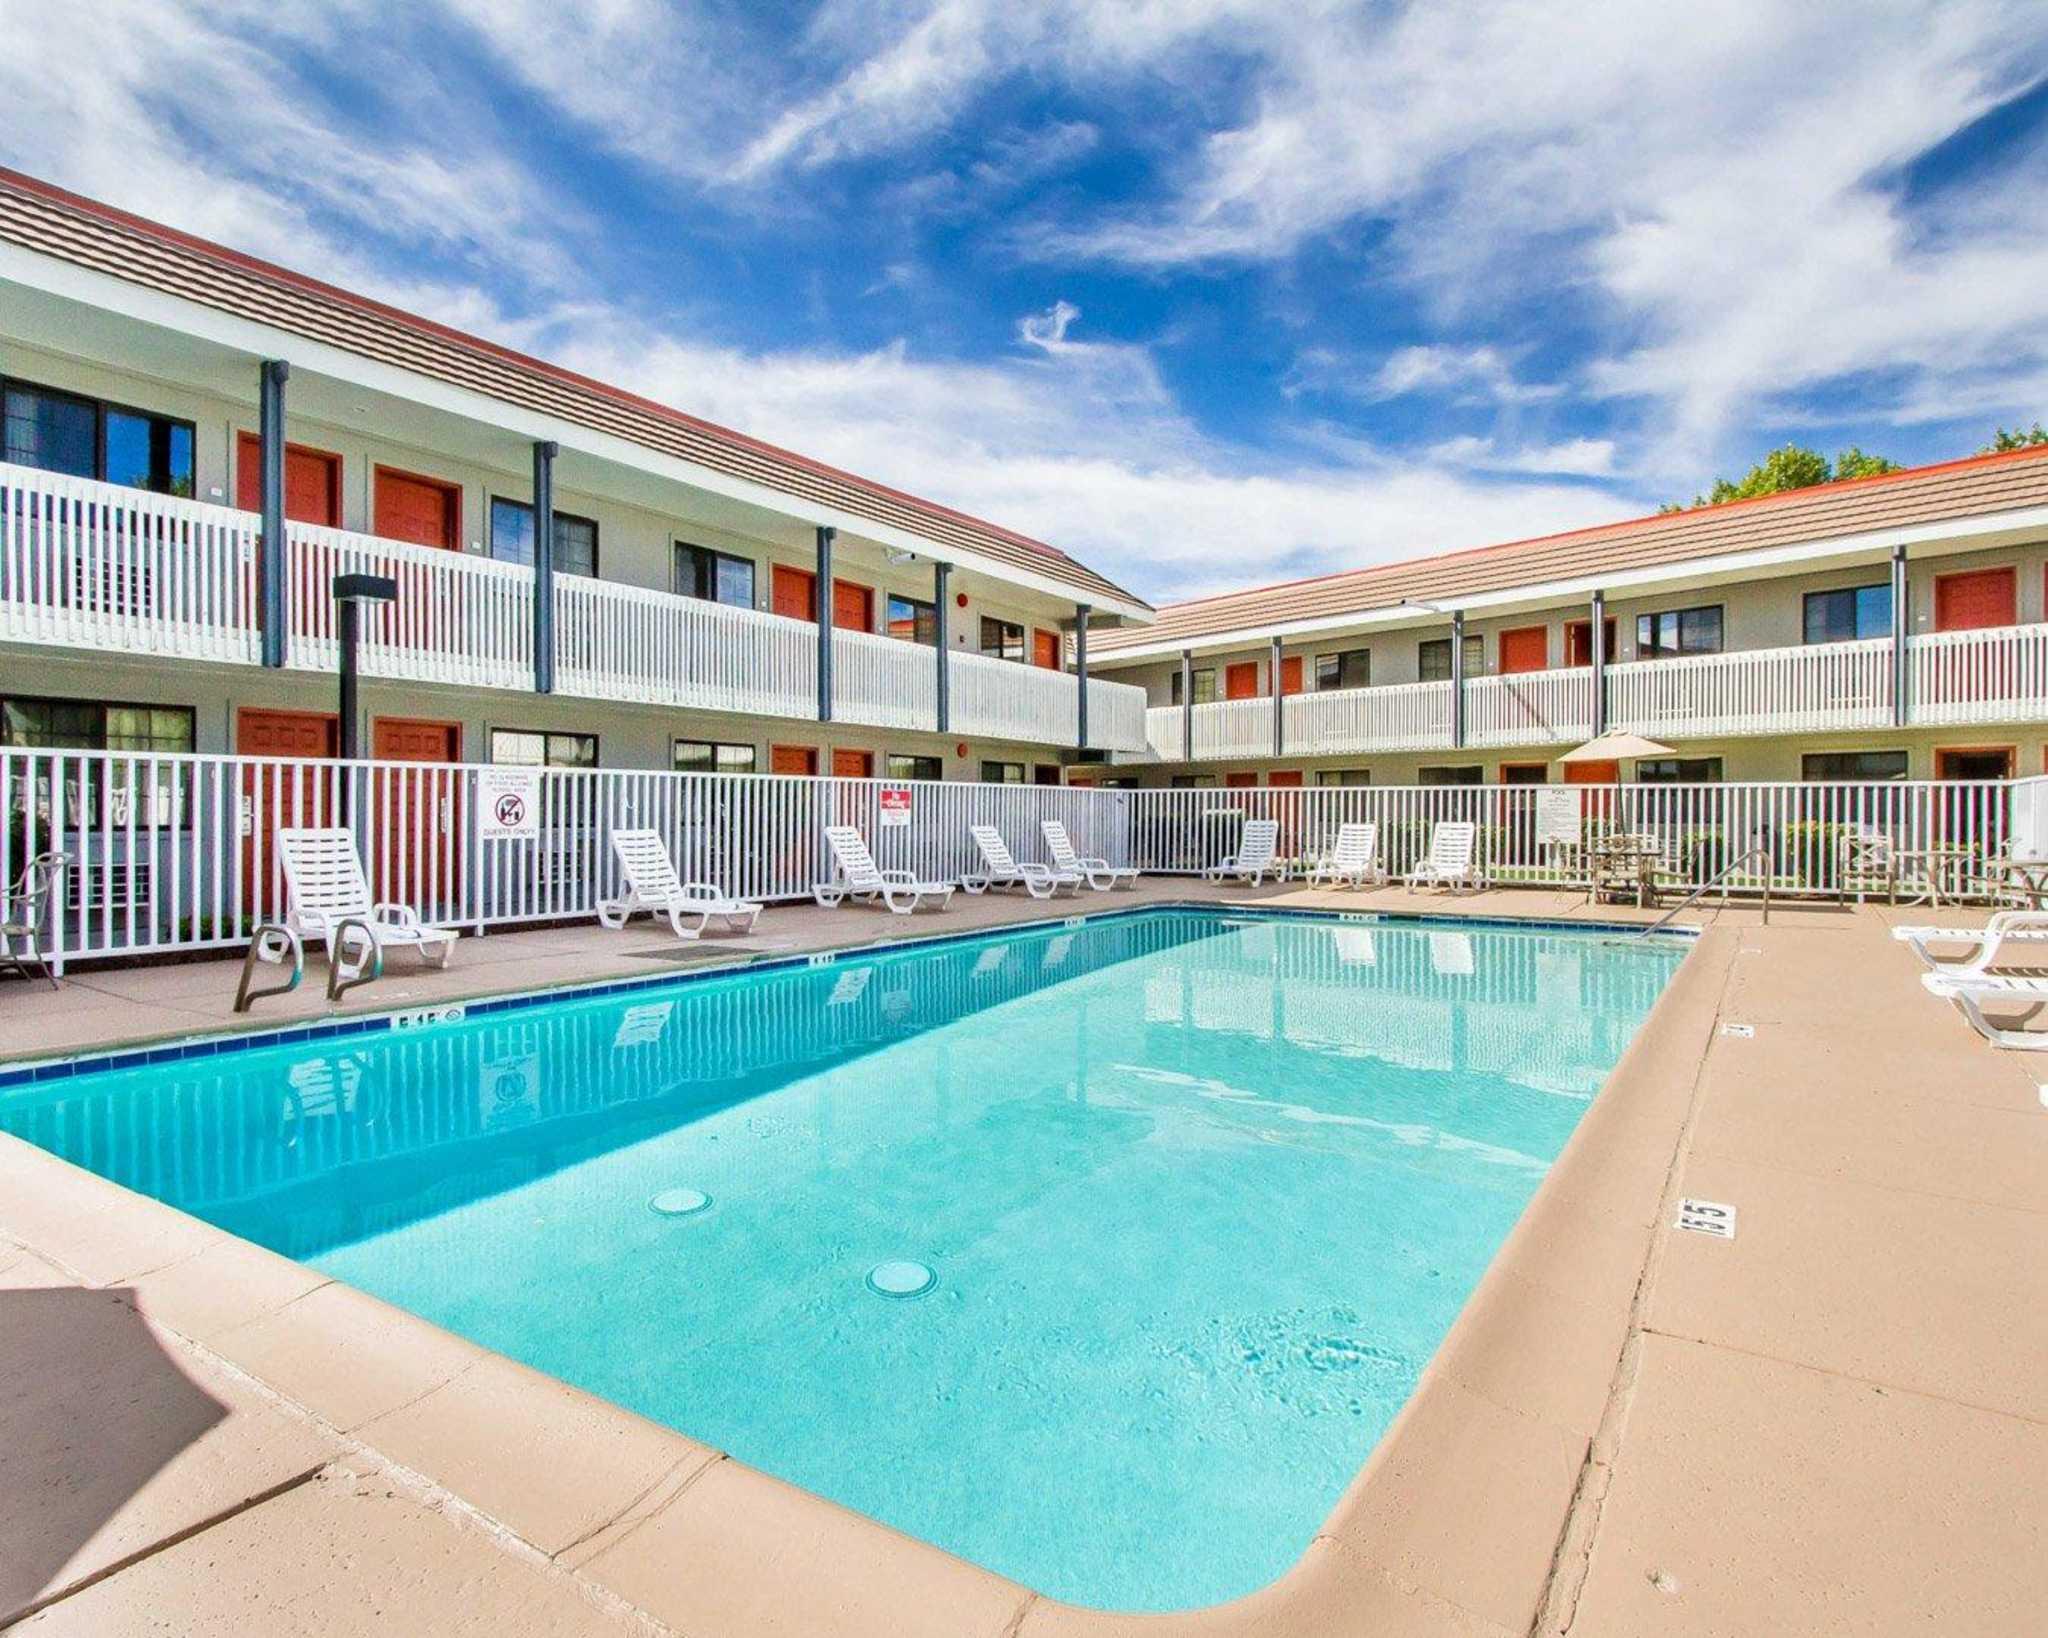 Flagstaff Hotels Comfort Inn